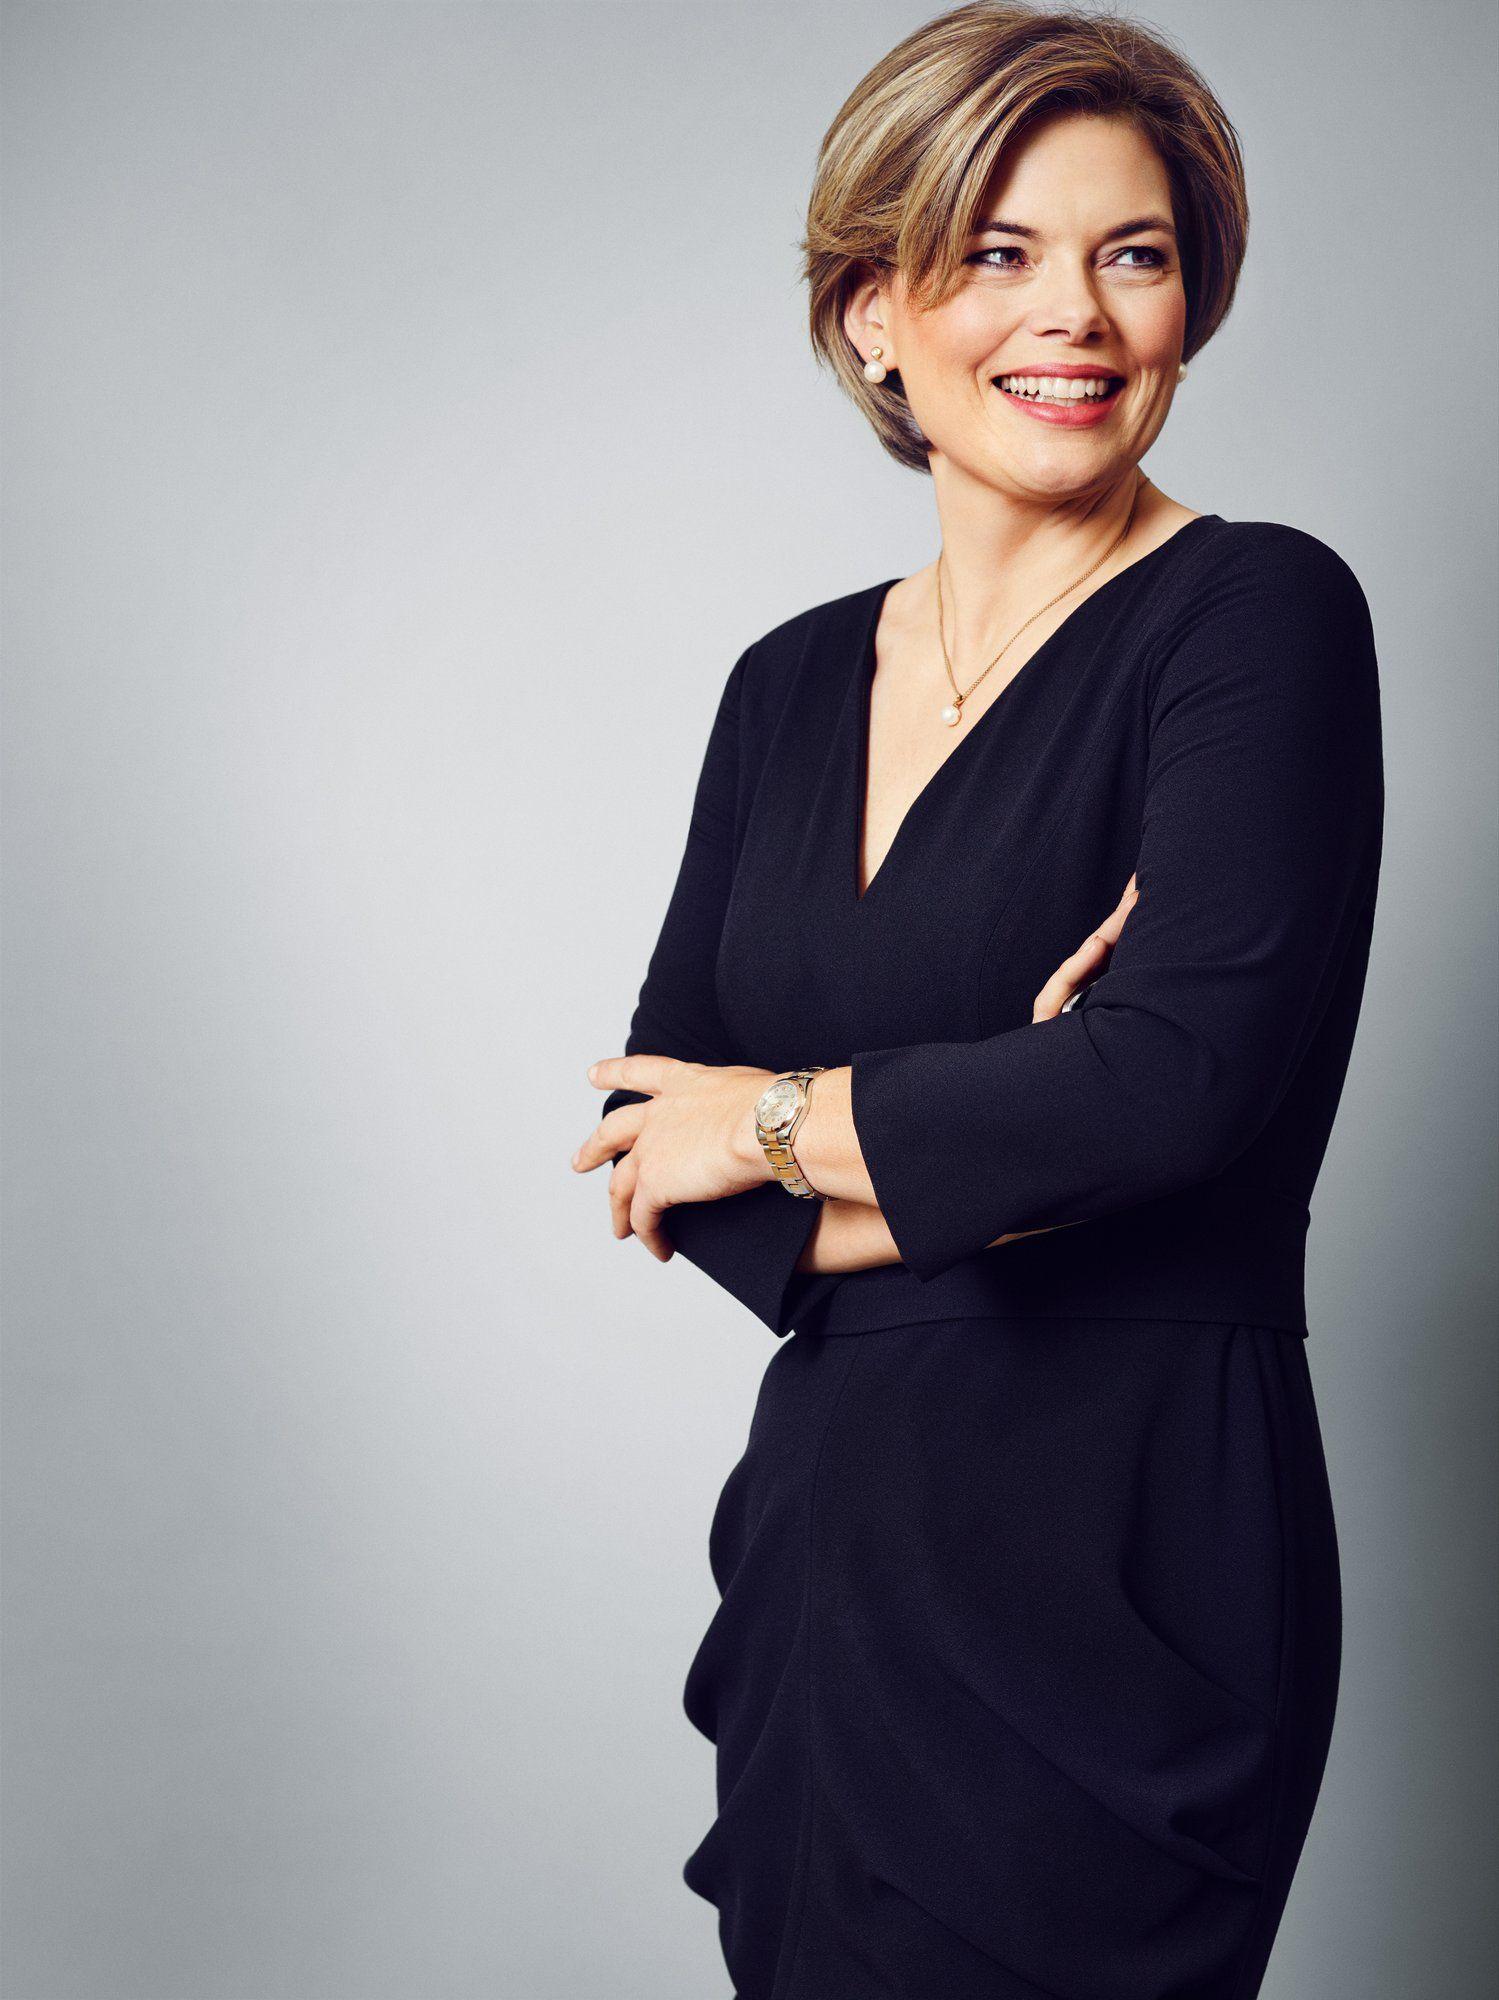 julia klckner german politician - Julia Klckner Lebenslauf